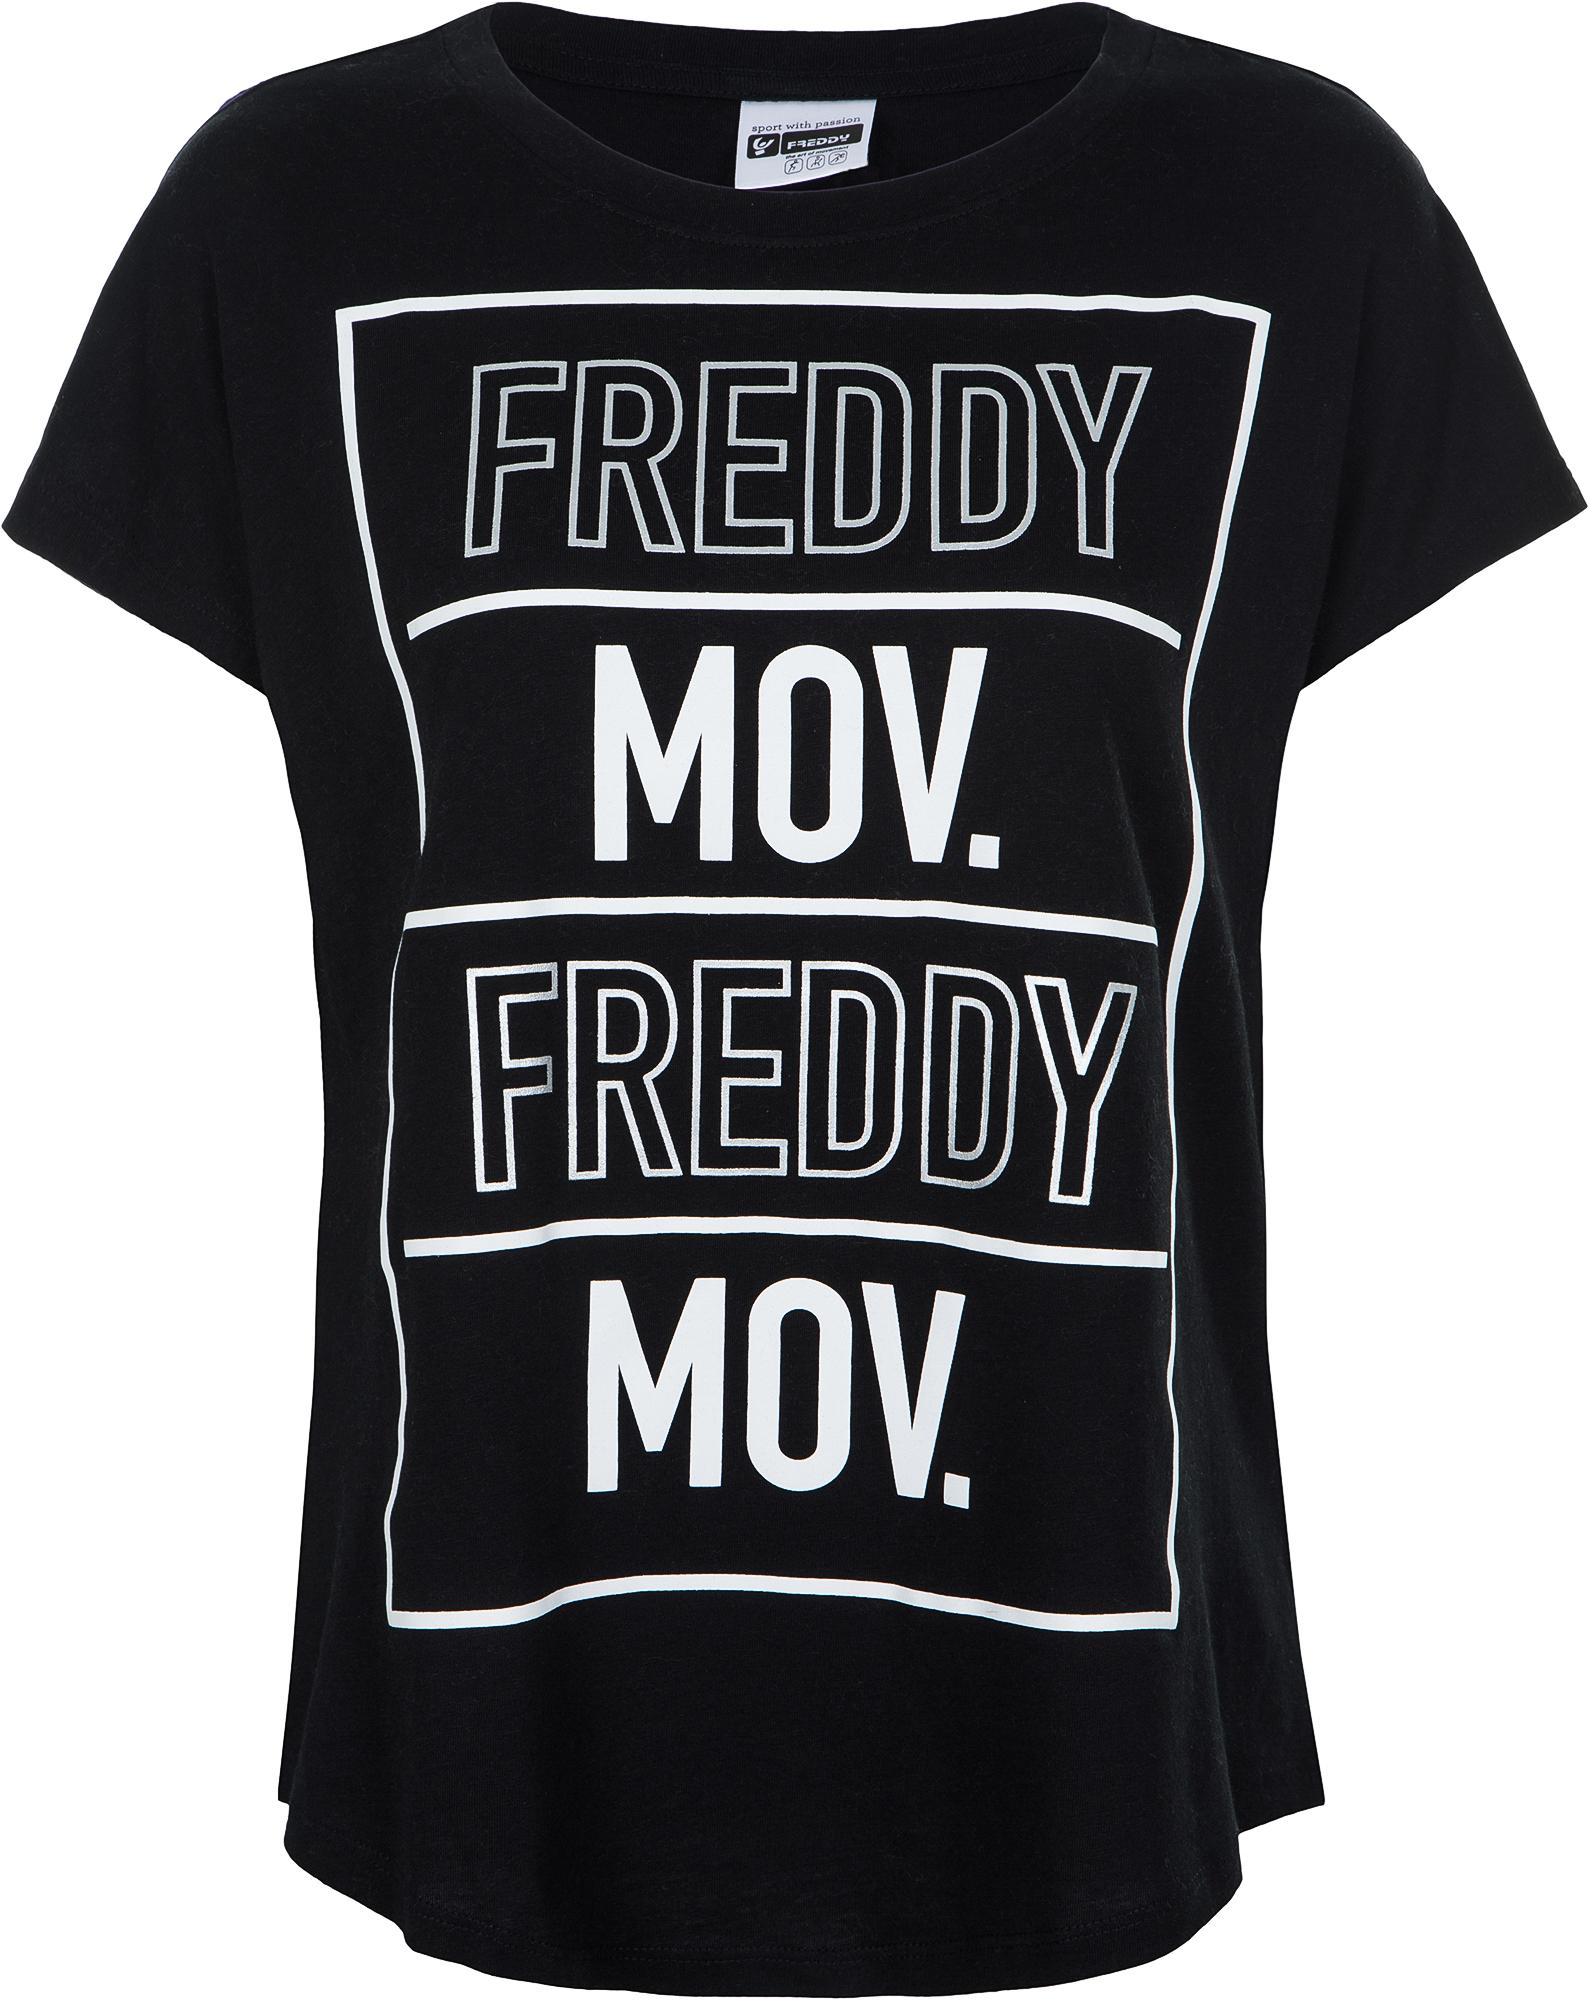 Freddy Футболка женская Freddy, размер 48-50